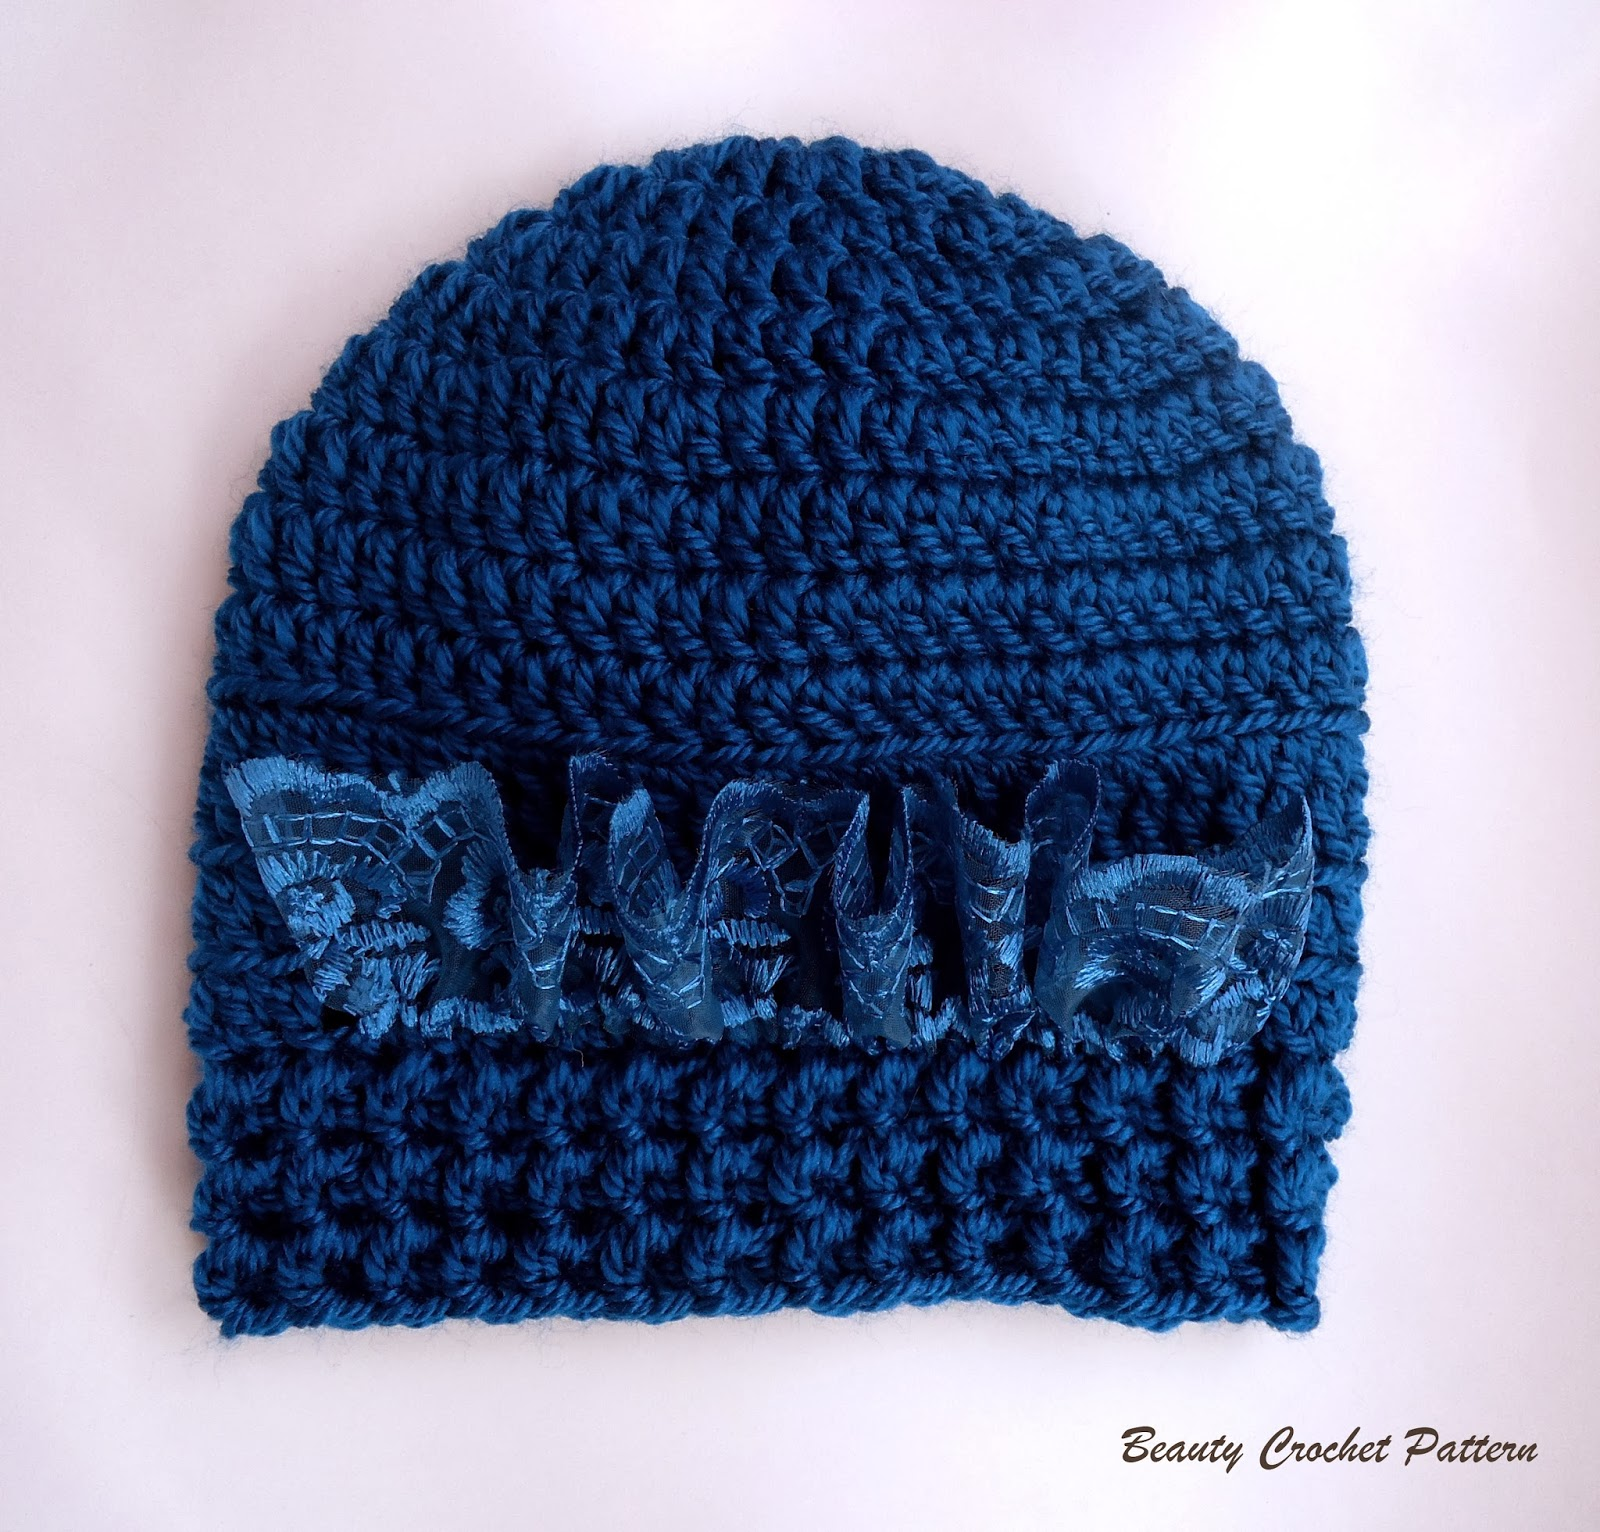 Free Crochet Baby Lacy Hat Pattern : Beauty Crochet Pattern: BABY CROCHET HAT PATTERN WITH LACE ...